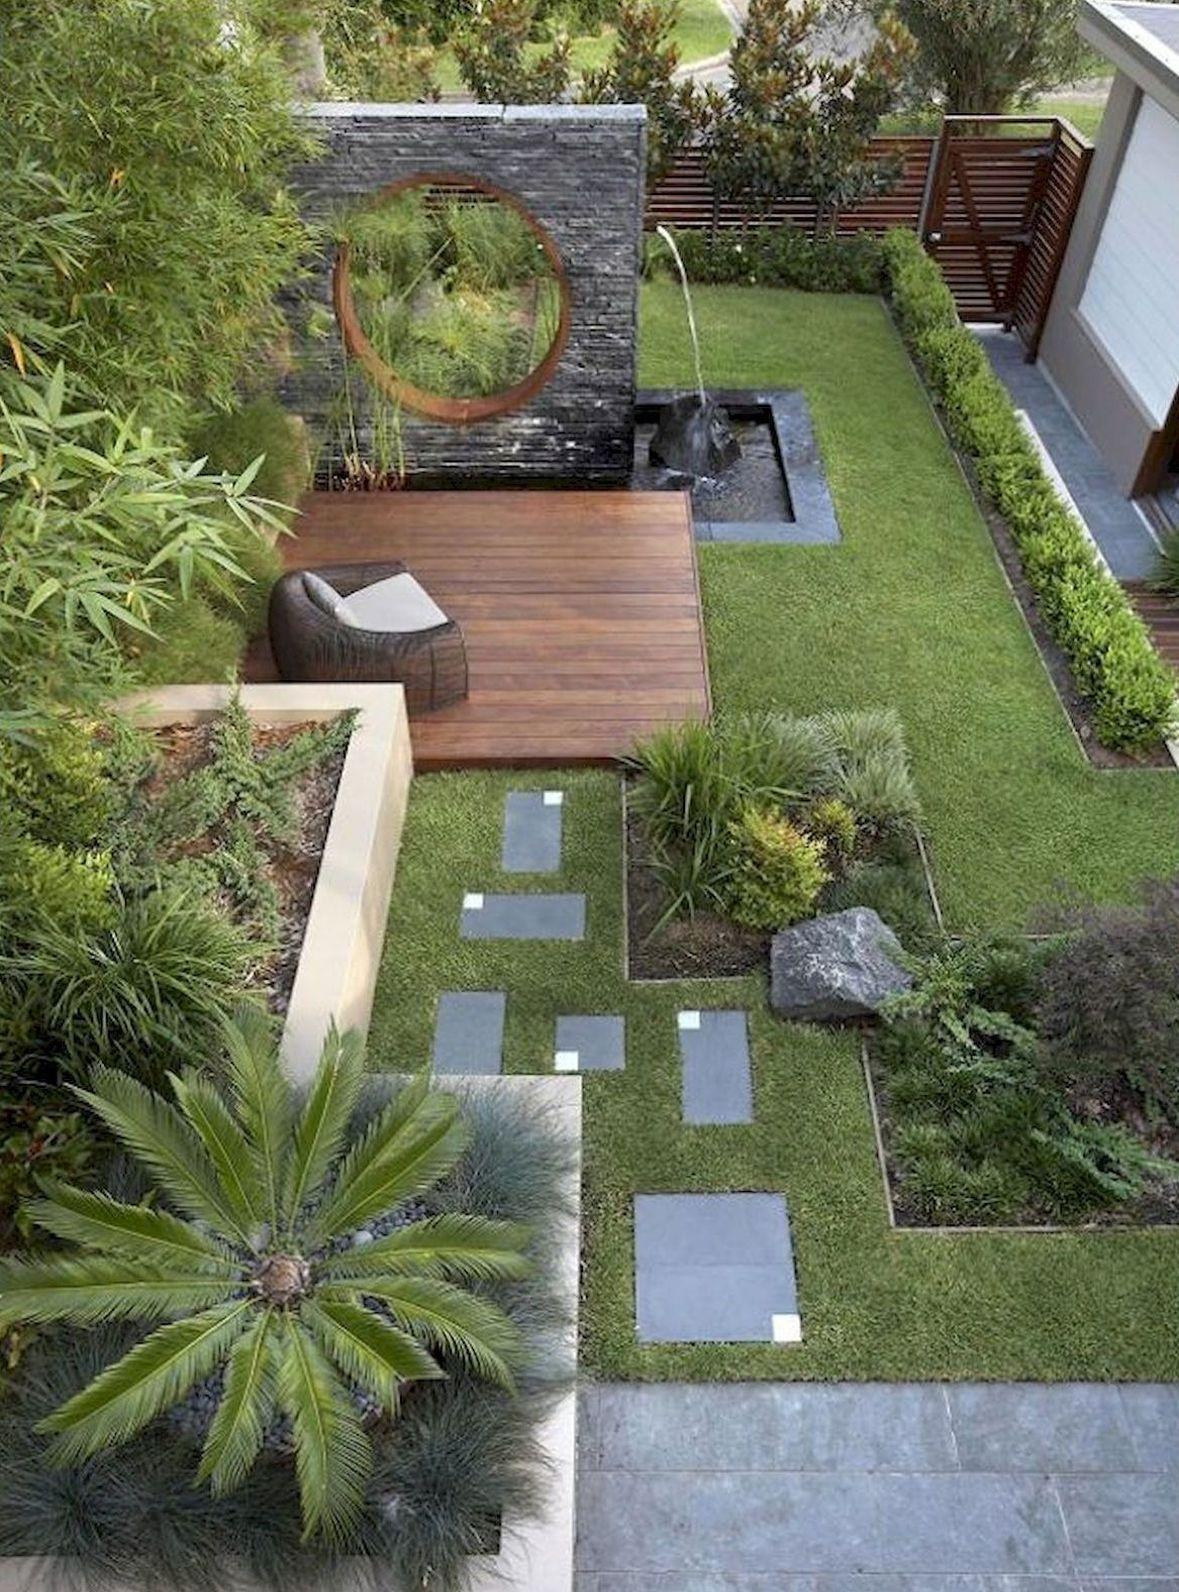 10 Modern Outdoor Patio Designs Backyard Garden Design Easy Backyard Landscaping Backyard Landscaping Designs Modern backyard ideas small